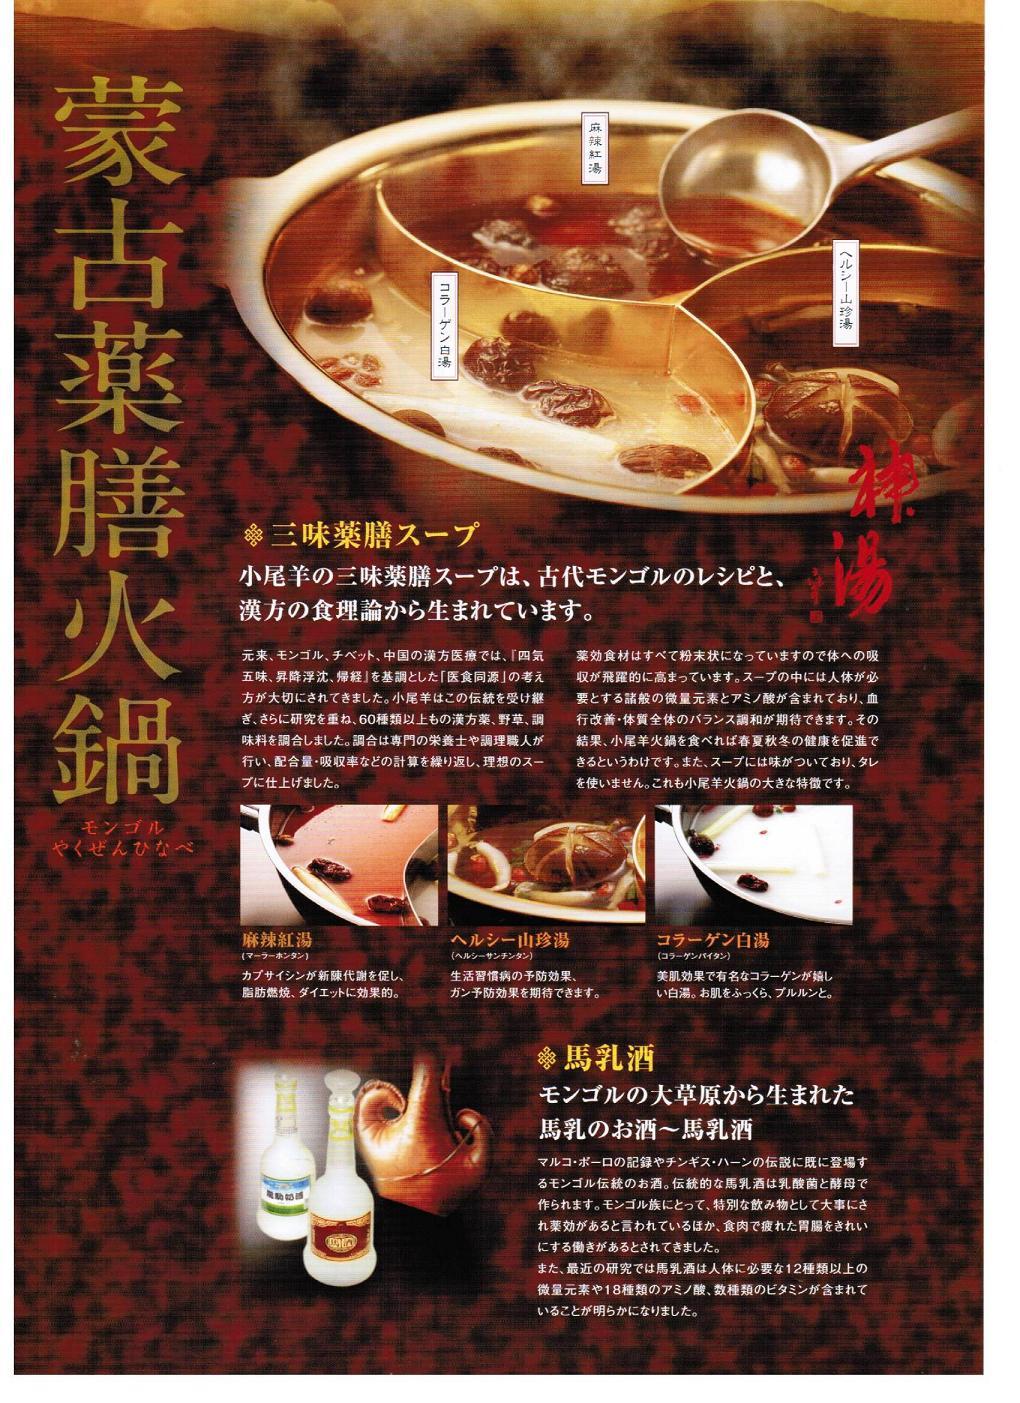 横浜中華街火鍋宴会個室しゃぶしゃぶ小尾羊